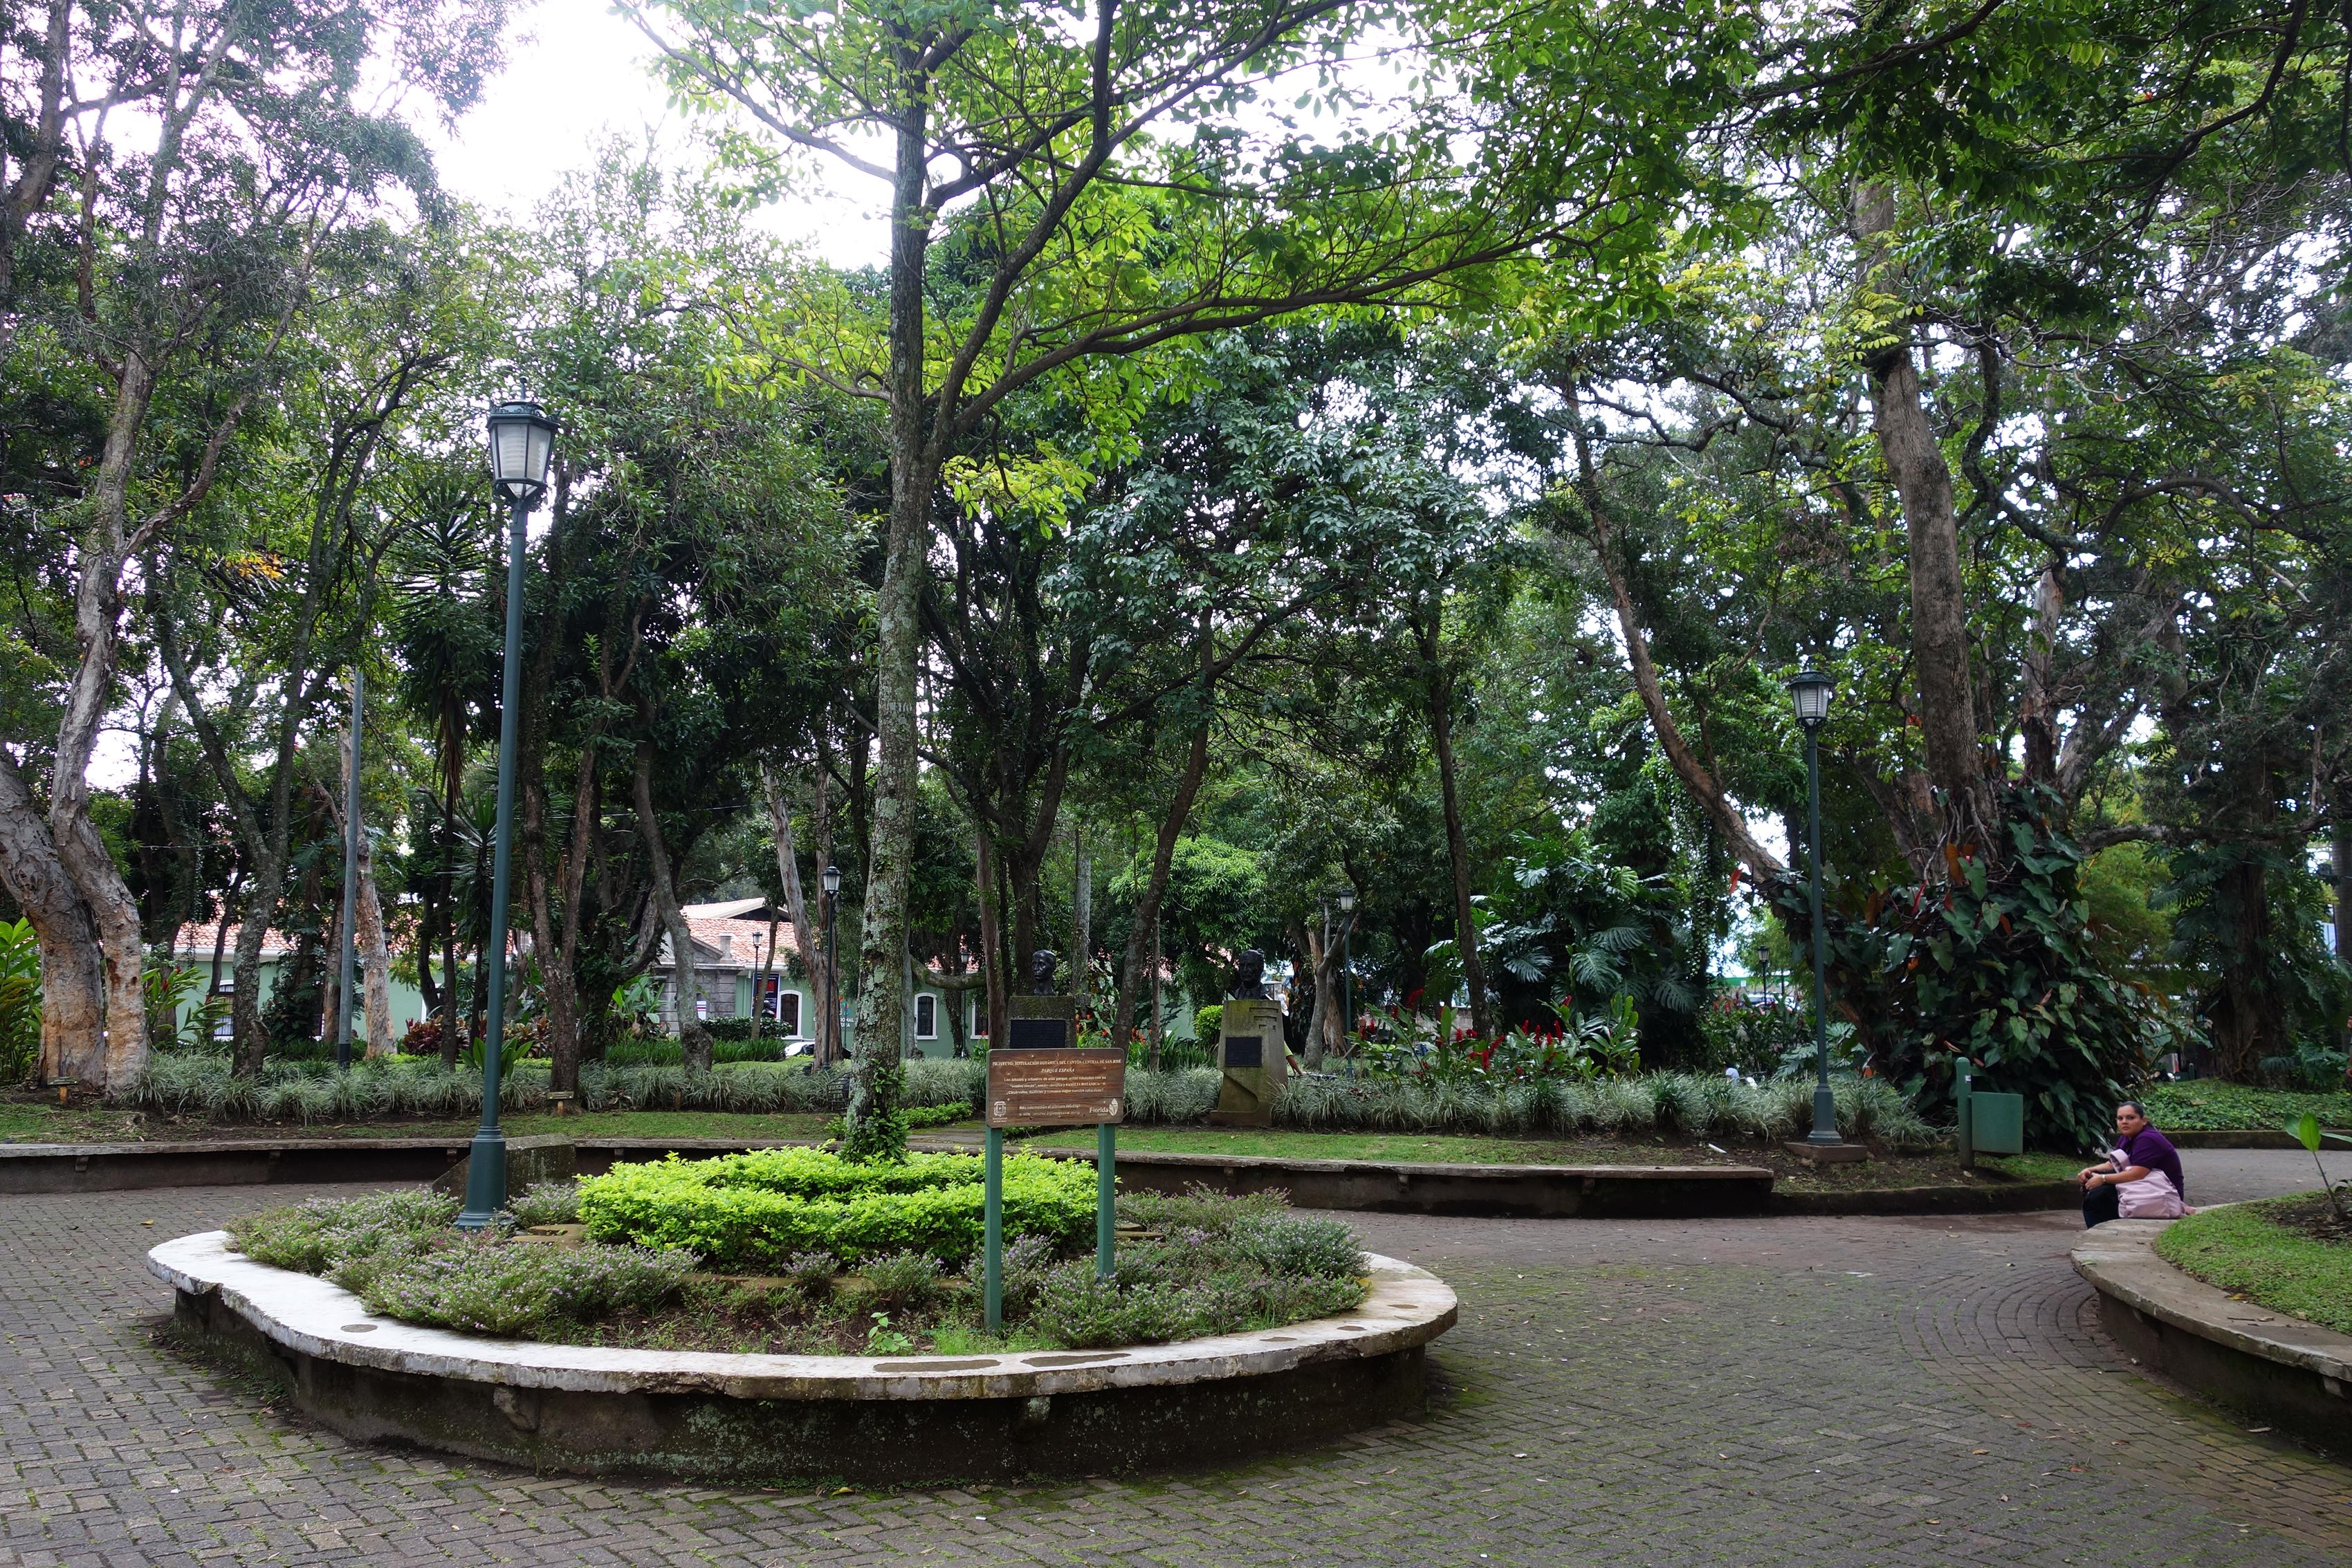 Archivo:Parque España San José.jpg - Wikipedia, la enciclopedia libre